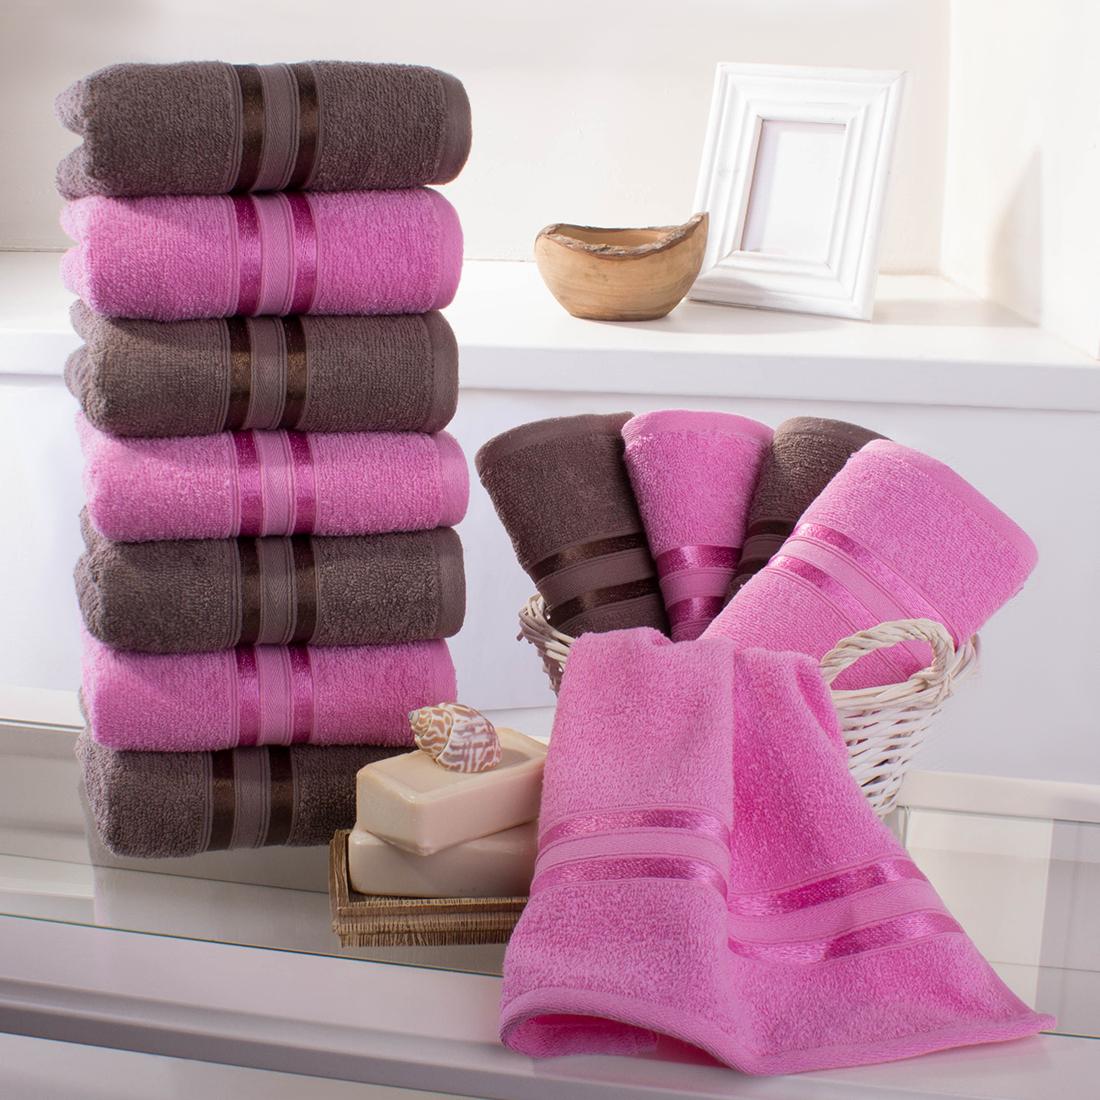 Купить Полотенца Dome, Полотенце для рук Harmonika Цвет: Коричневый-Розовая Вишня (33х50 см - 12 шт), Дания, Махра